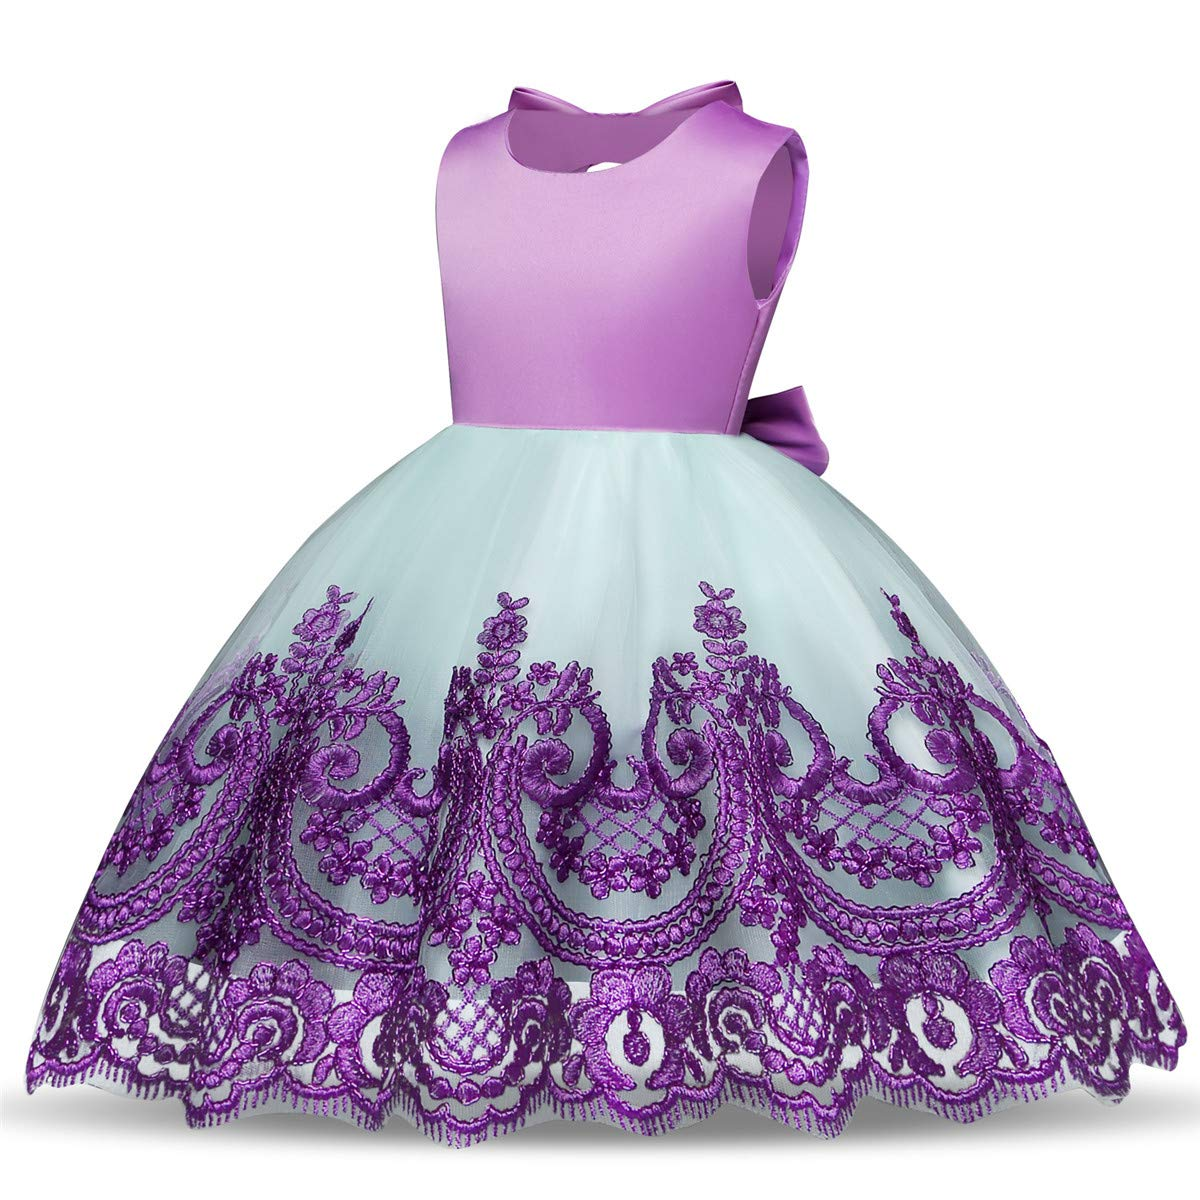 1f4d00180 GXYCP Vestido para Niñas Vestido De Dama De Honor Bordado Vestido De  Princesa De Boda Arco Vestido De Cumpleaños,120Cm: Amazon.es: Hogar